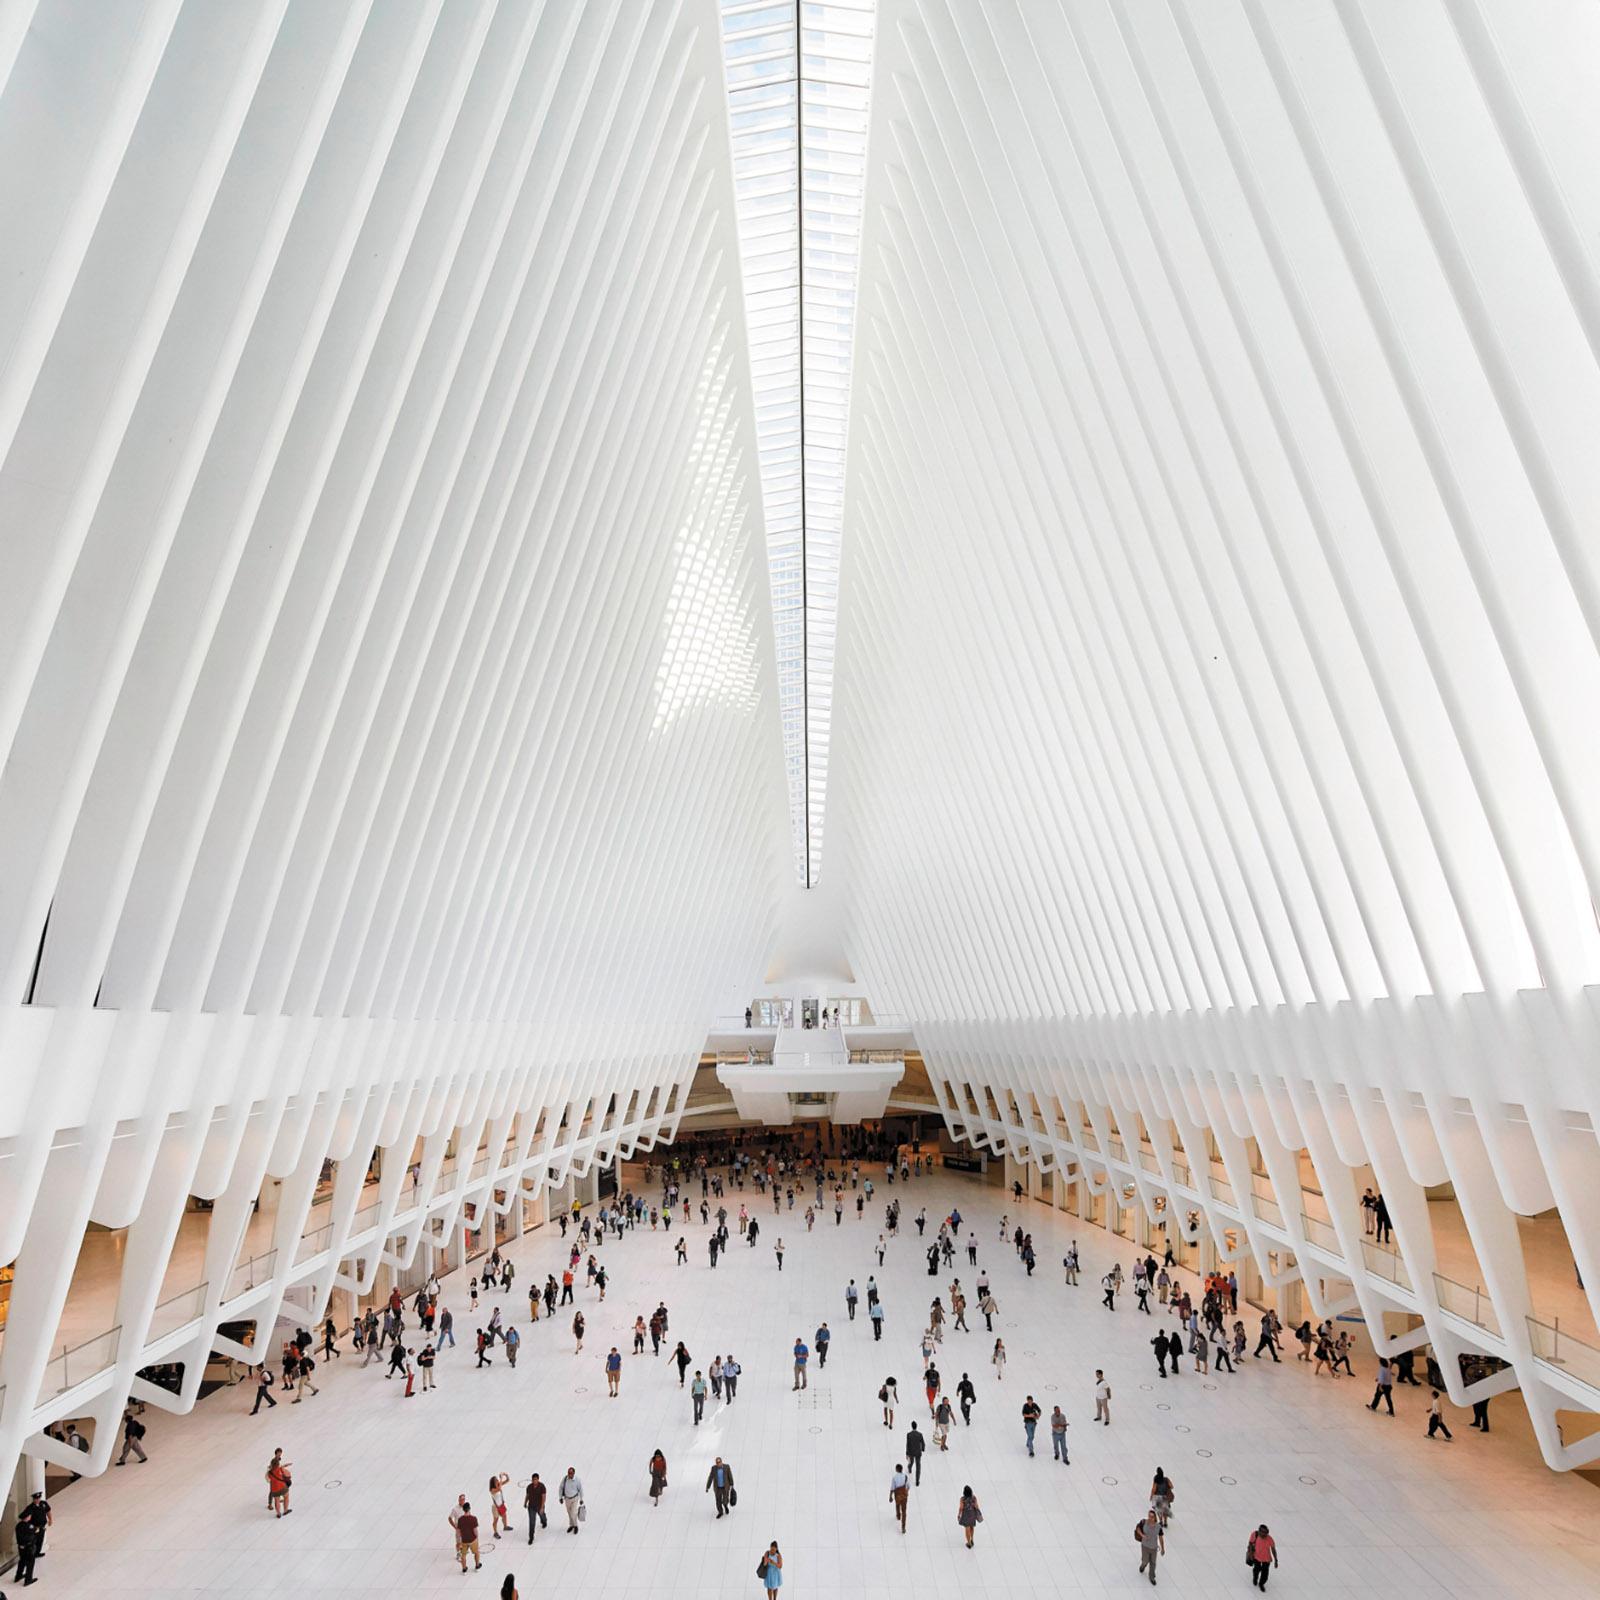 The interior of the World Trade Center Transportation Hub, designed by Santiago Calatrava